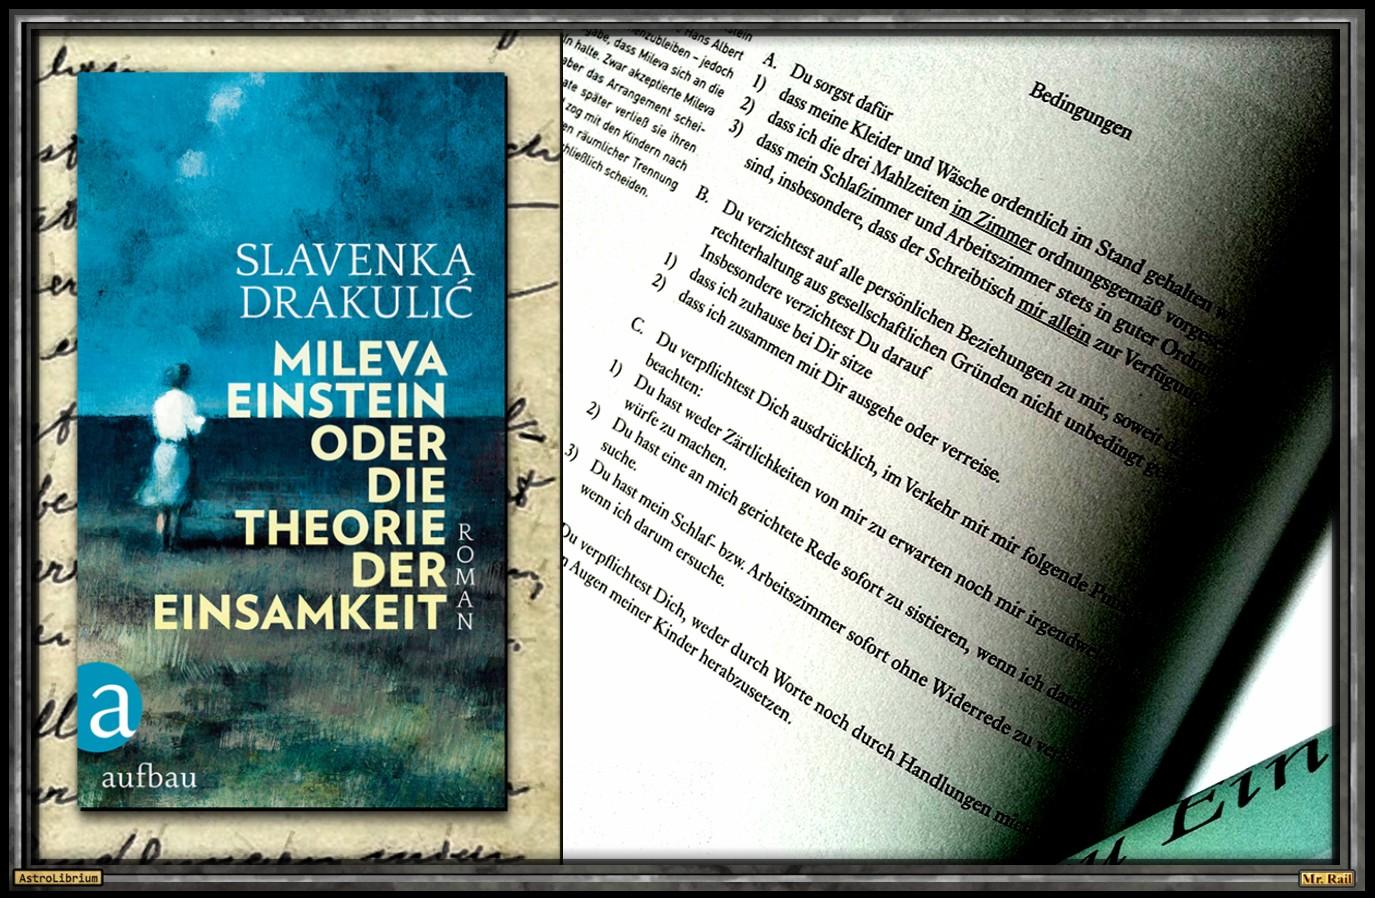 Mileva Maric | AstroLibrium